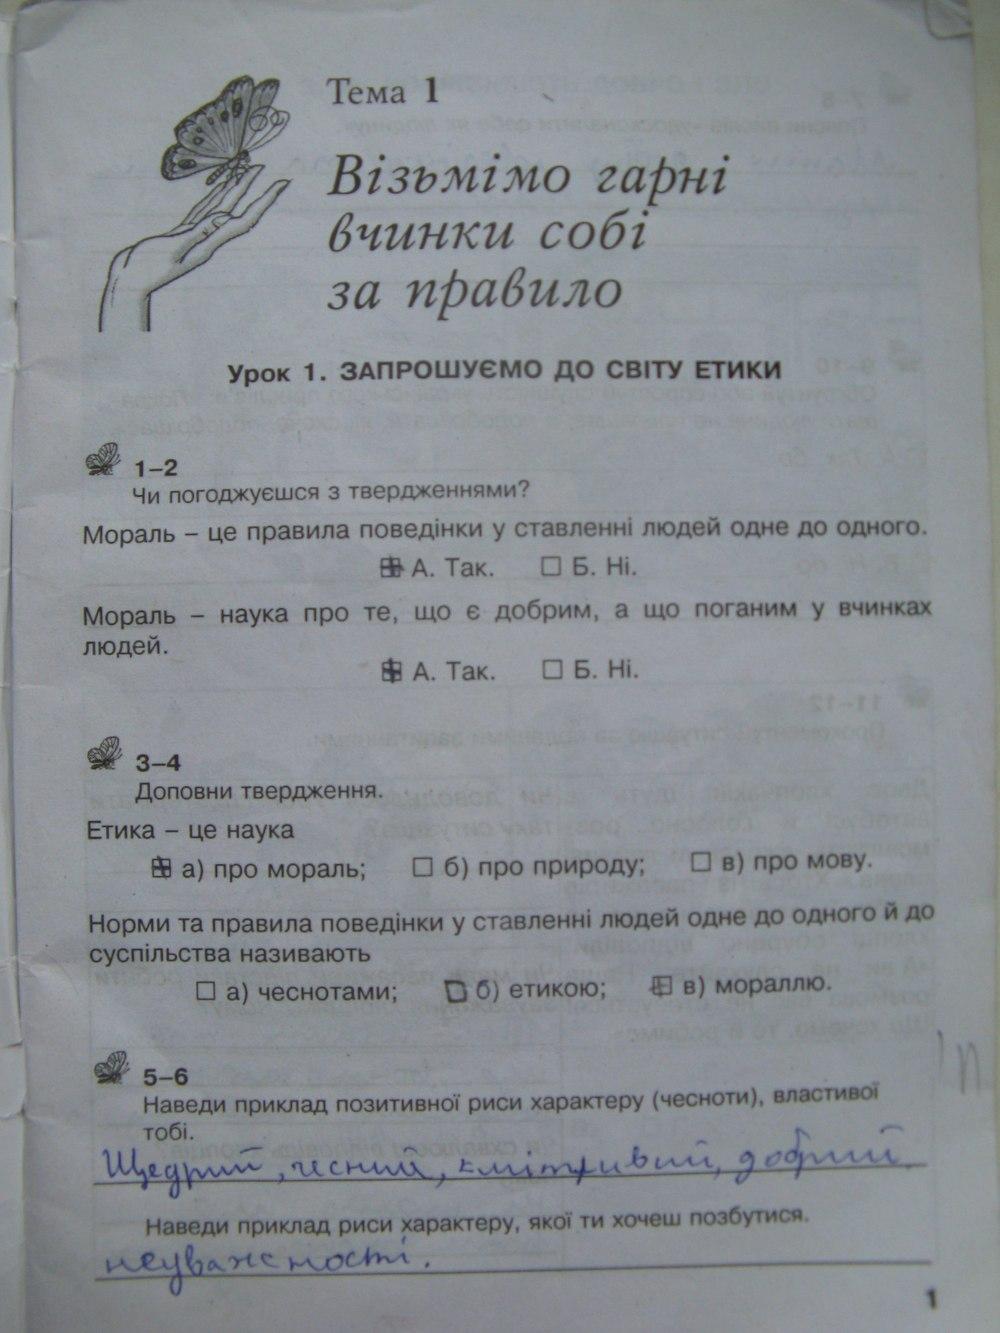 зошит етика 6 клас оксана данилевська гдз онлайн